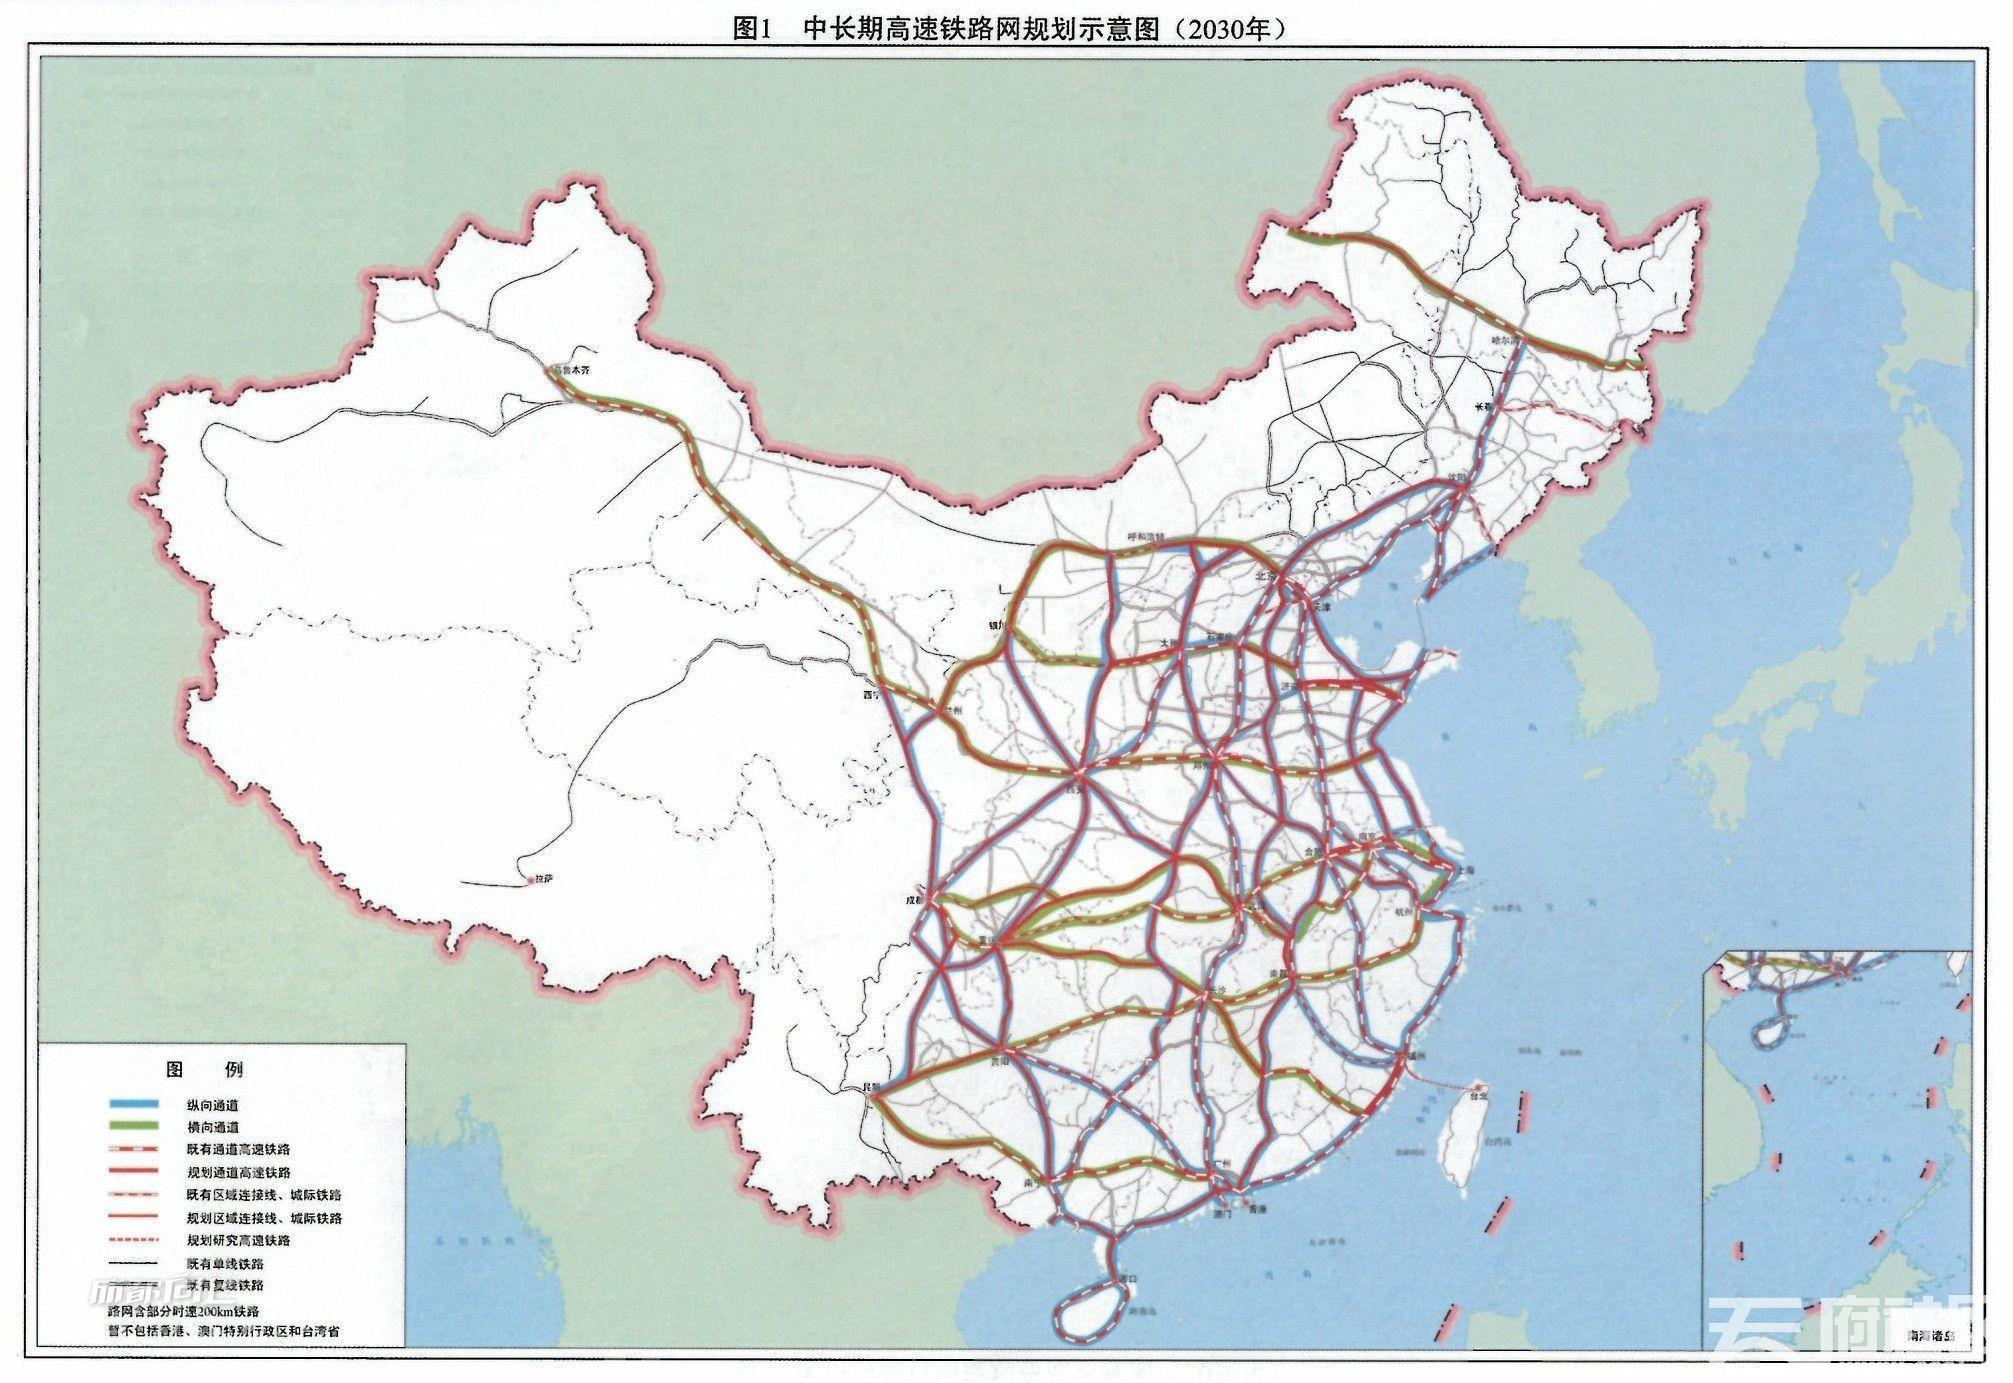 中国高铁十三五.jpg